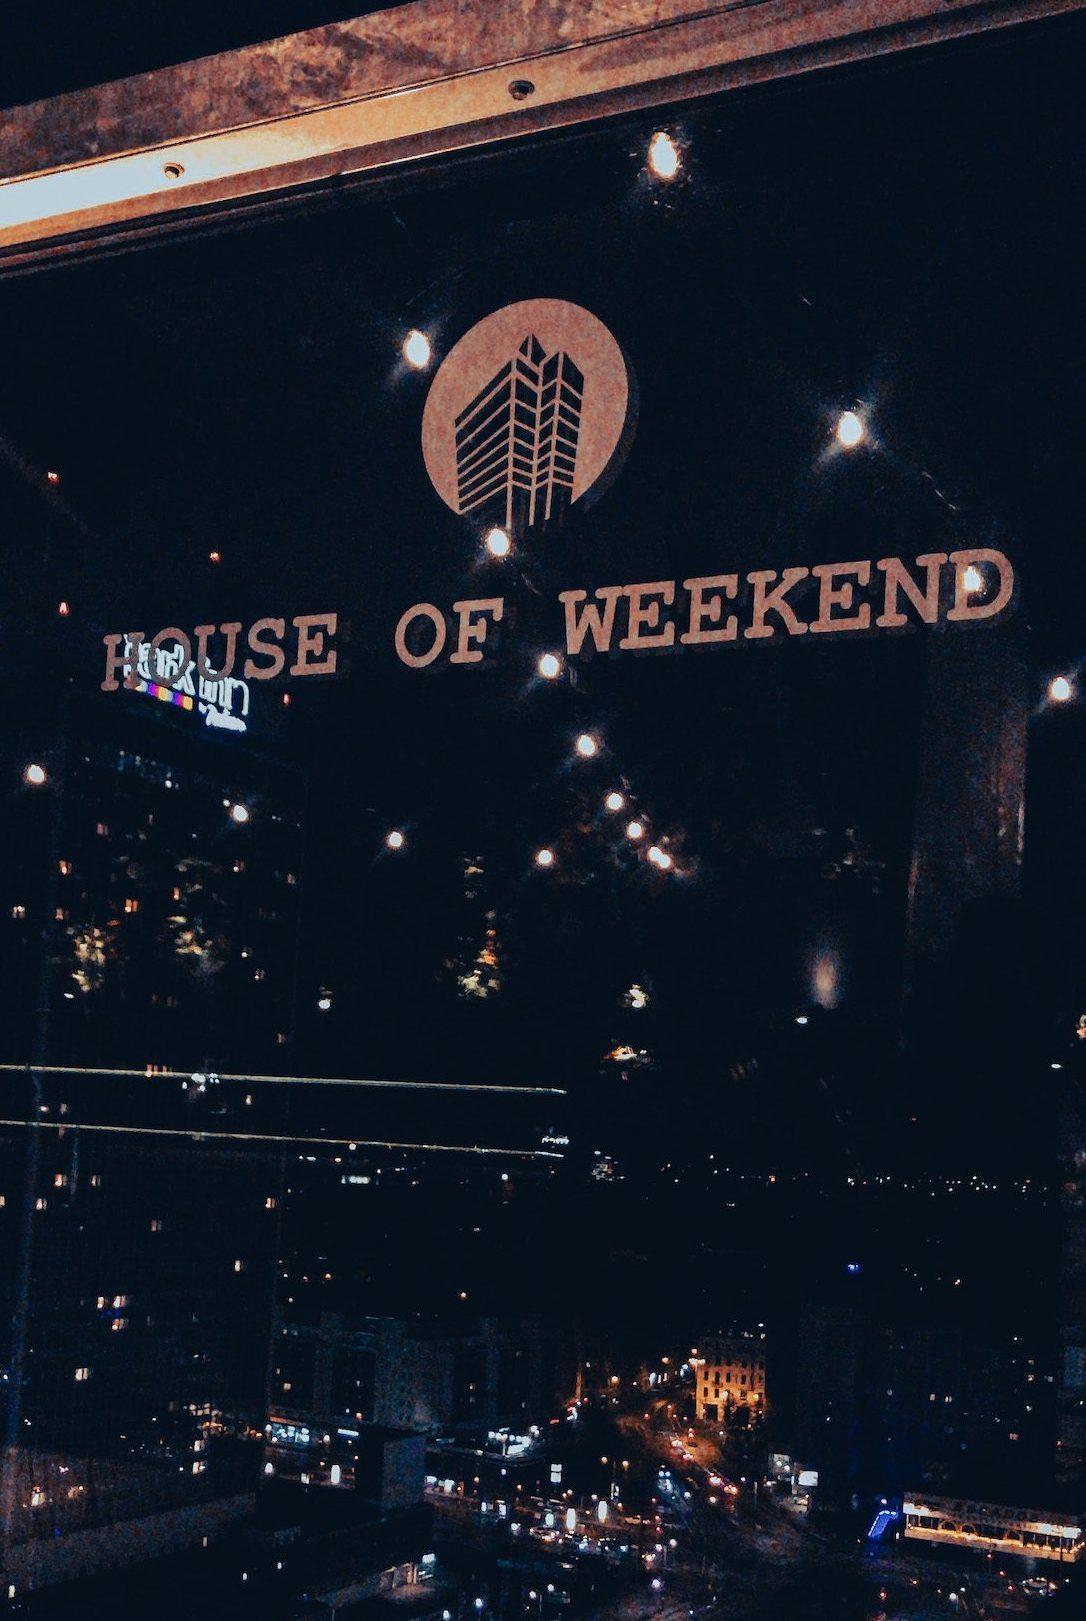 House of weekend Berlin Rooftop berlin